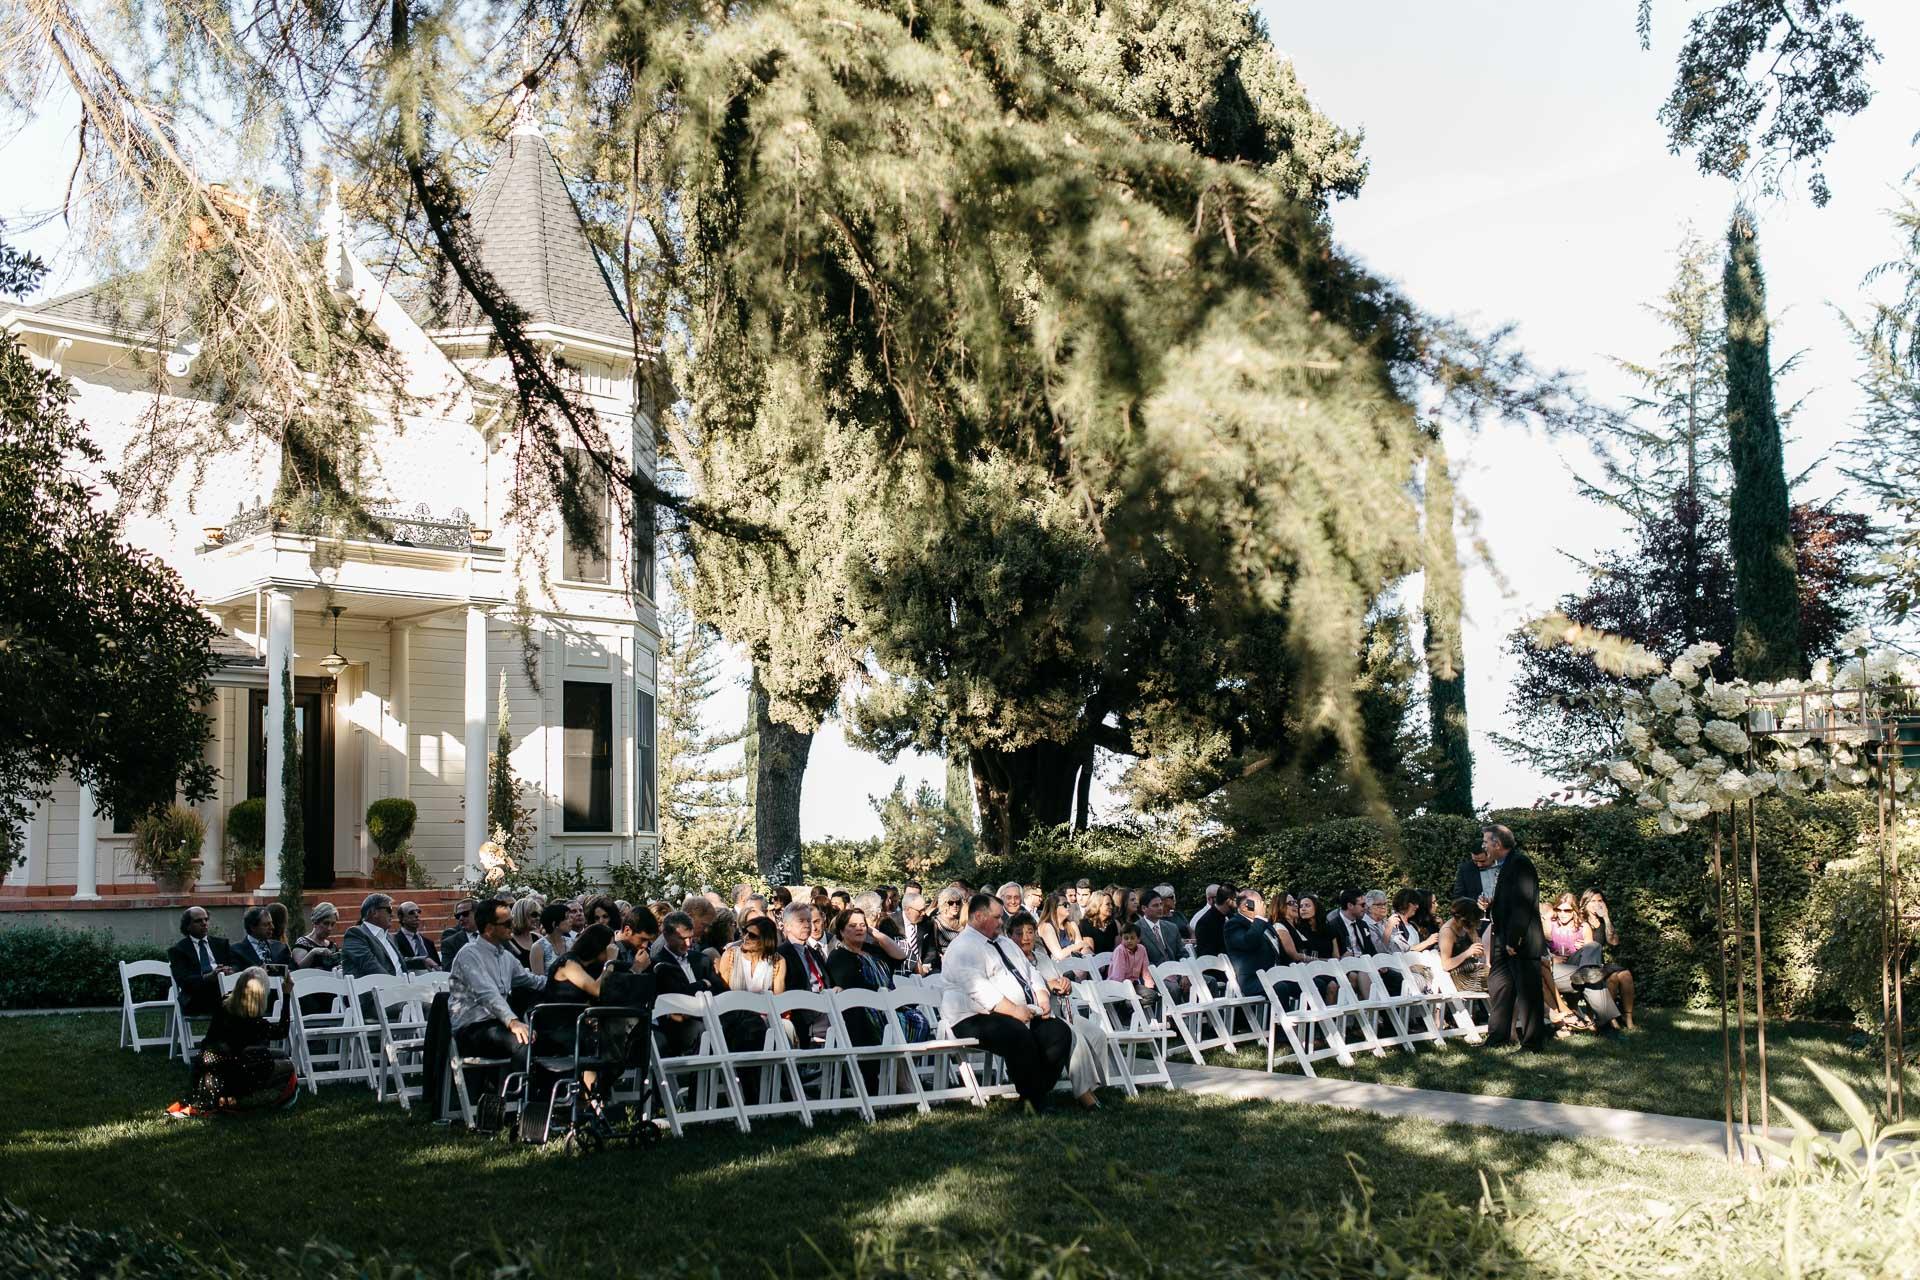 lauren_graham_wedding_california_park_winters_jeanlaurentgaudy_043